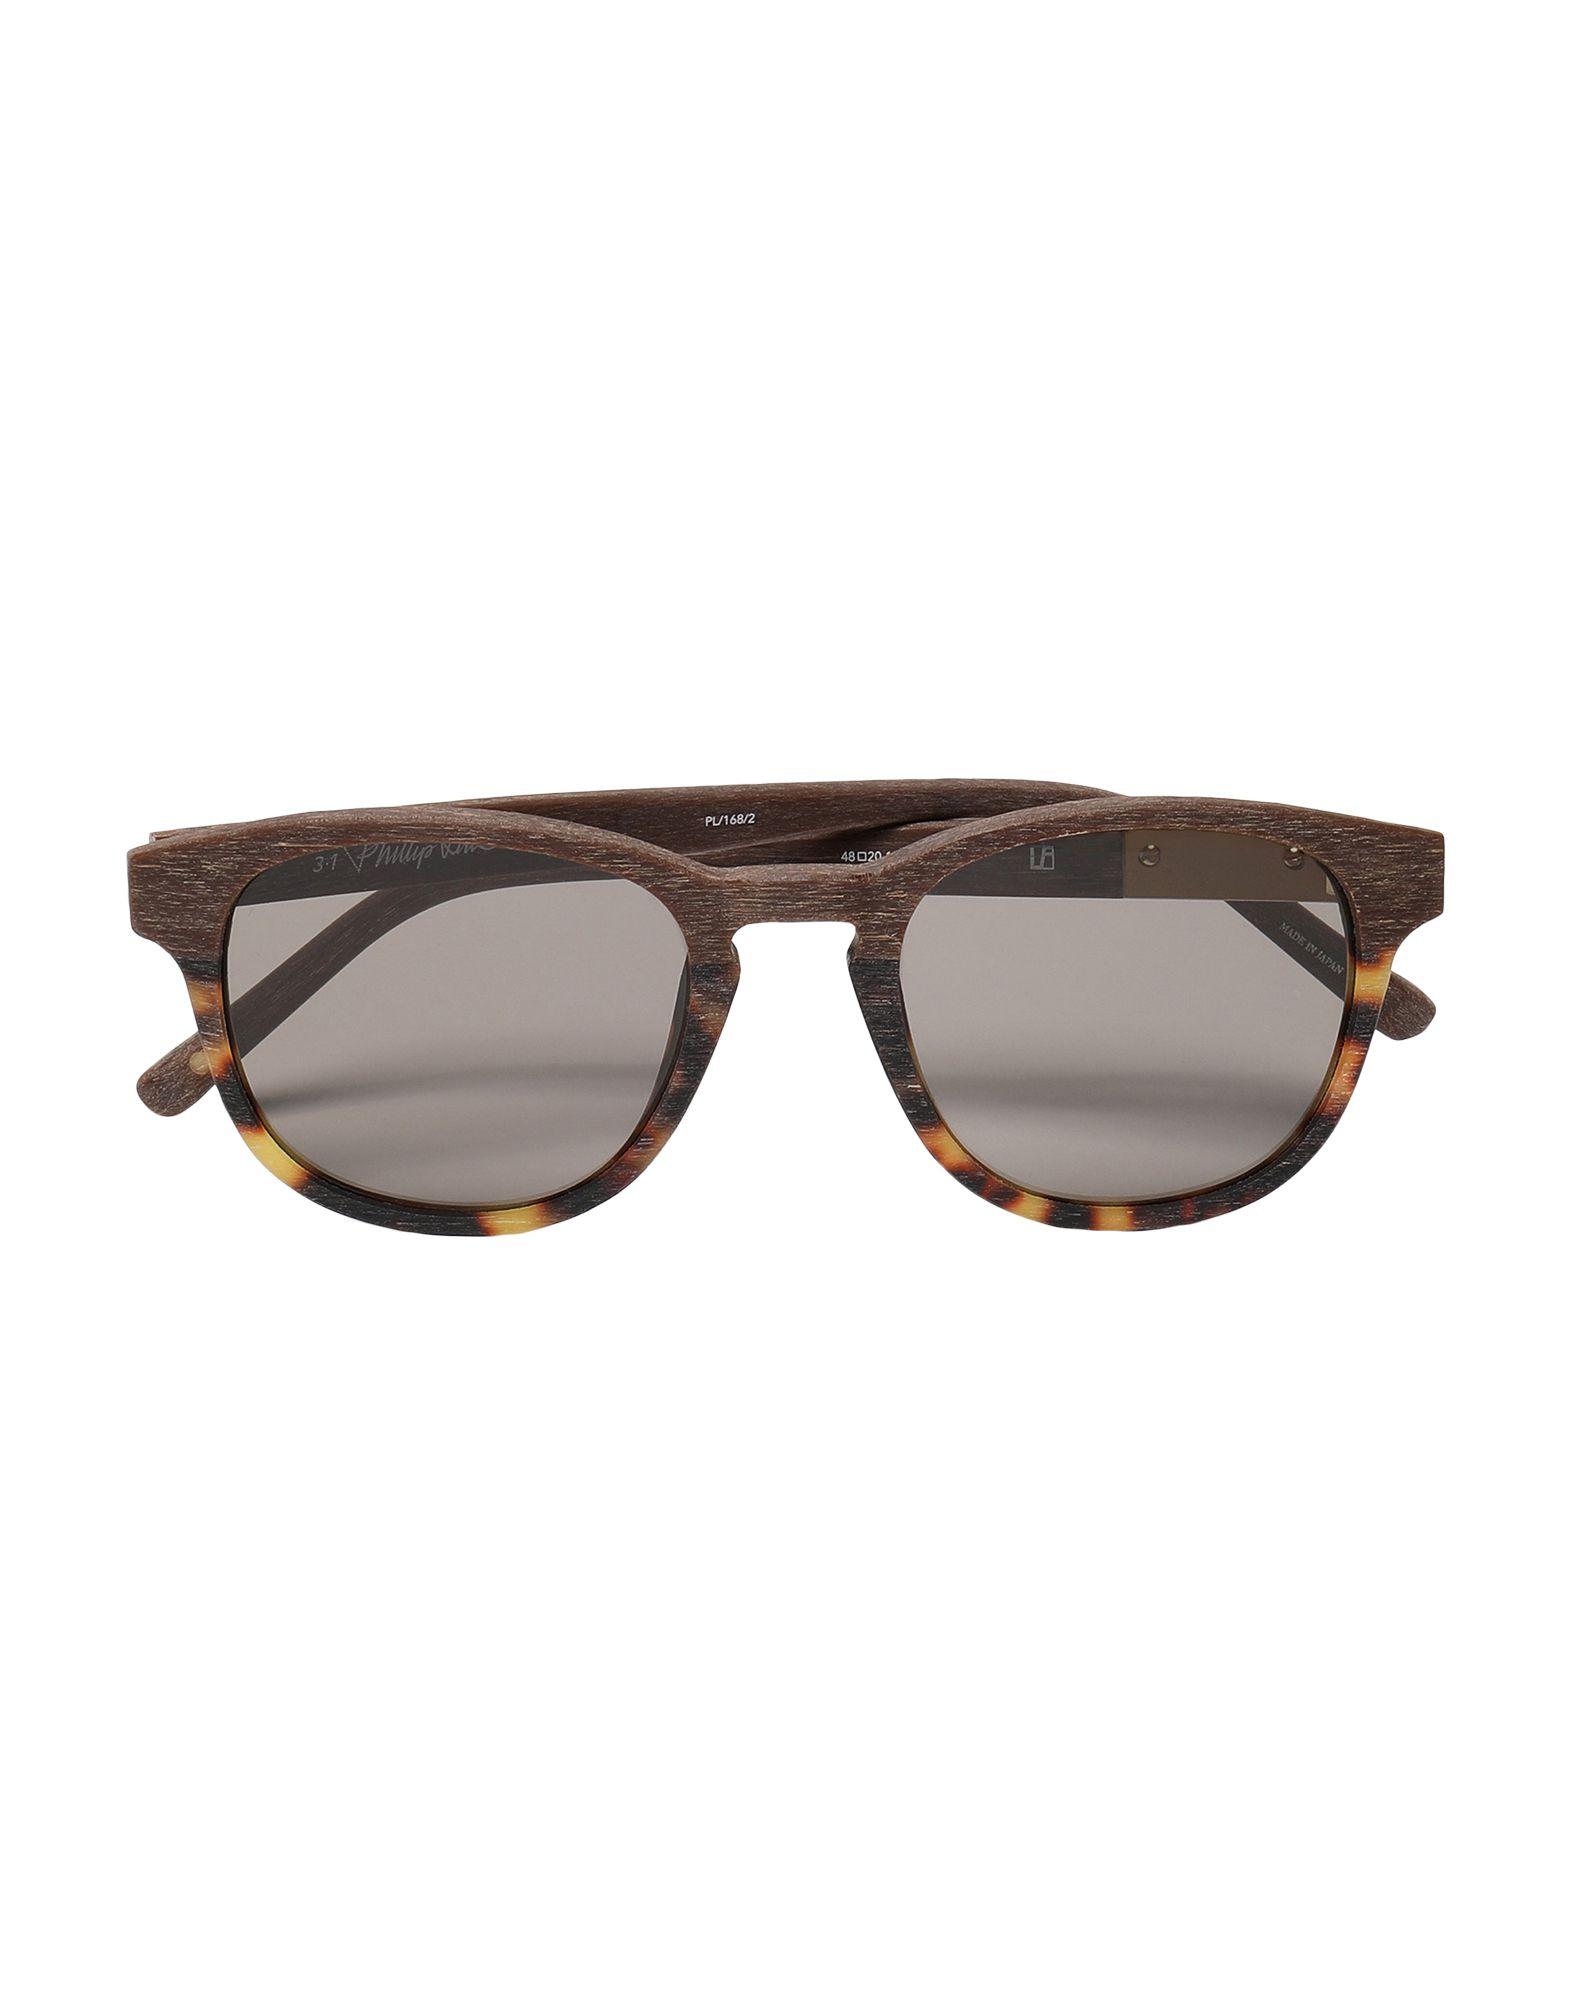 цена LINDA FARROW x 3.1 PHILLIP LIM Солнечные очки онлайн в 2017 году